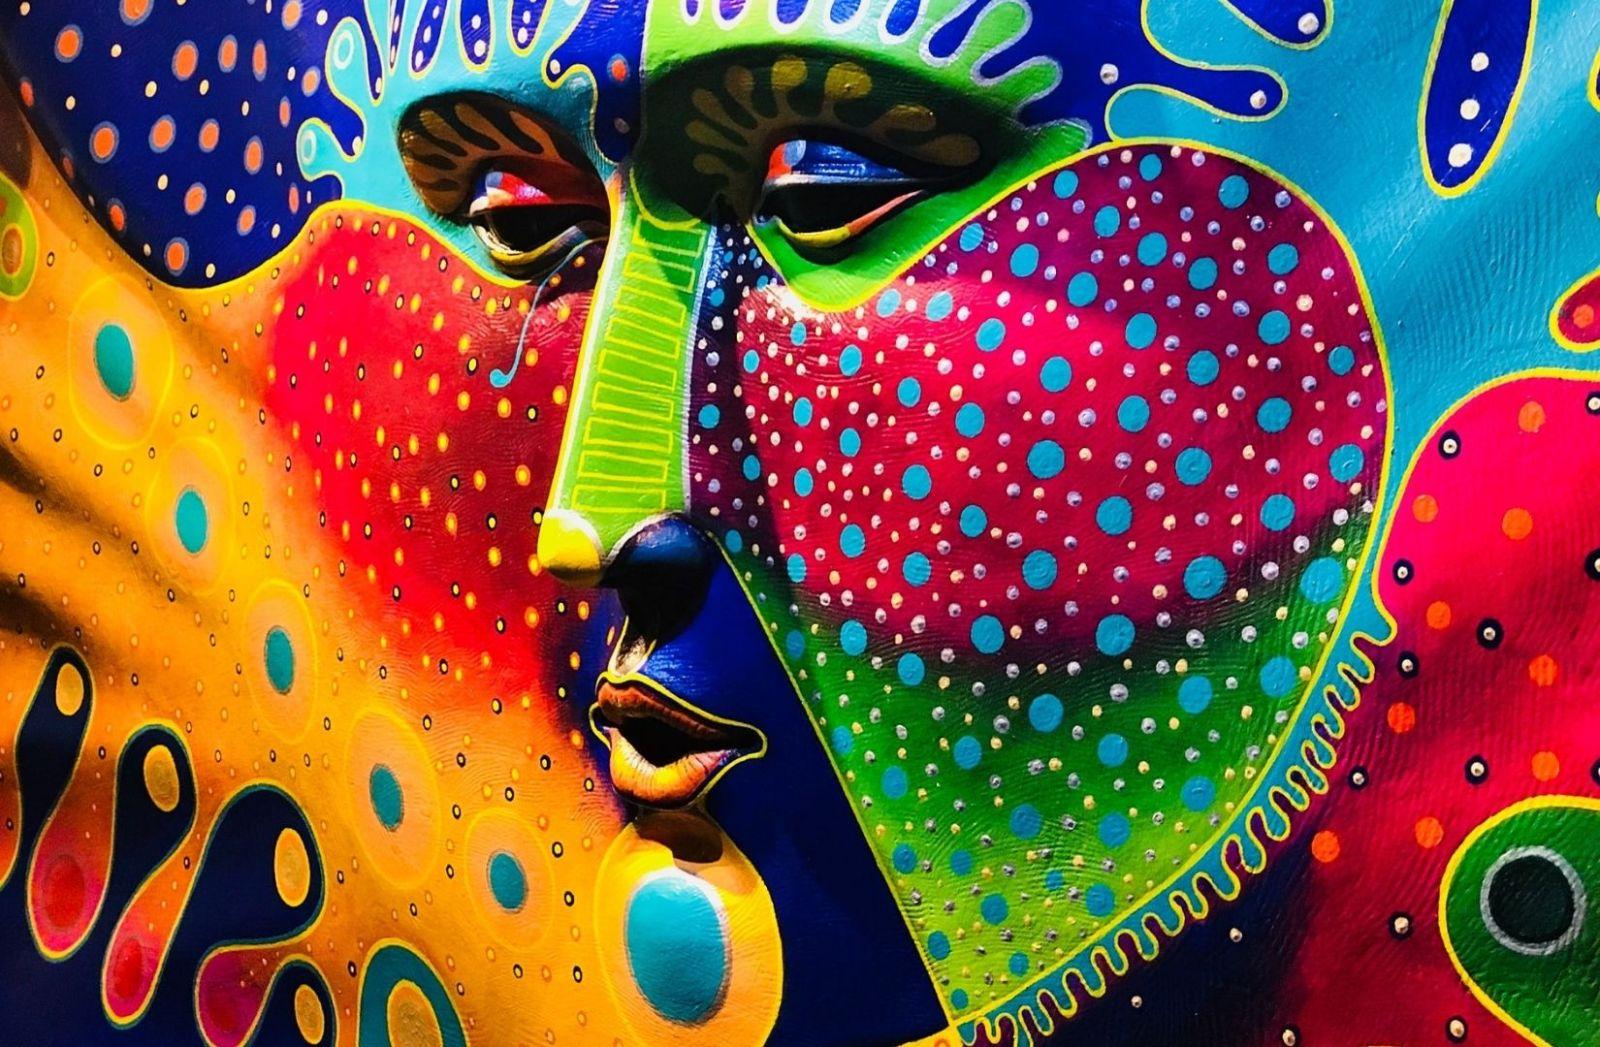 Nichts für Hasardeure. Street Art aus Mexiko. (Foto: Marco Carrillo, Unsplash.com)